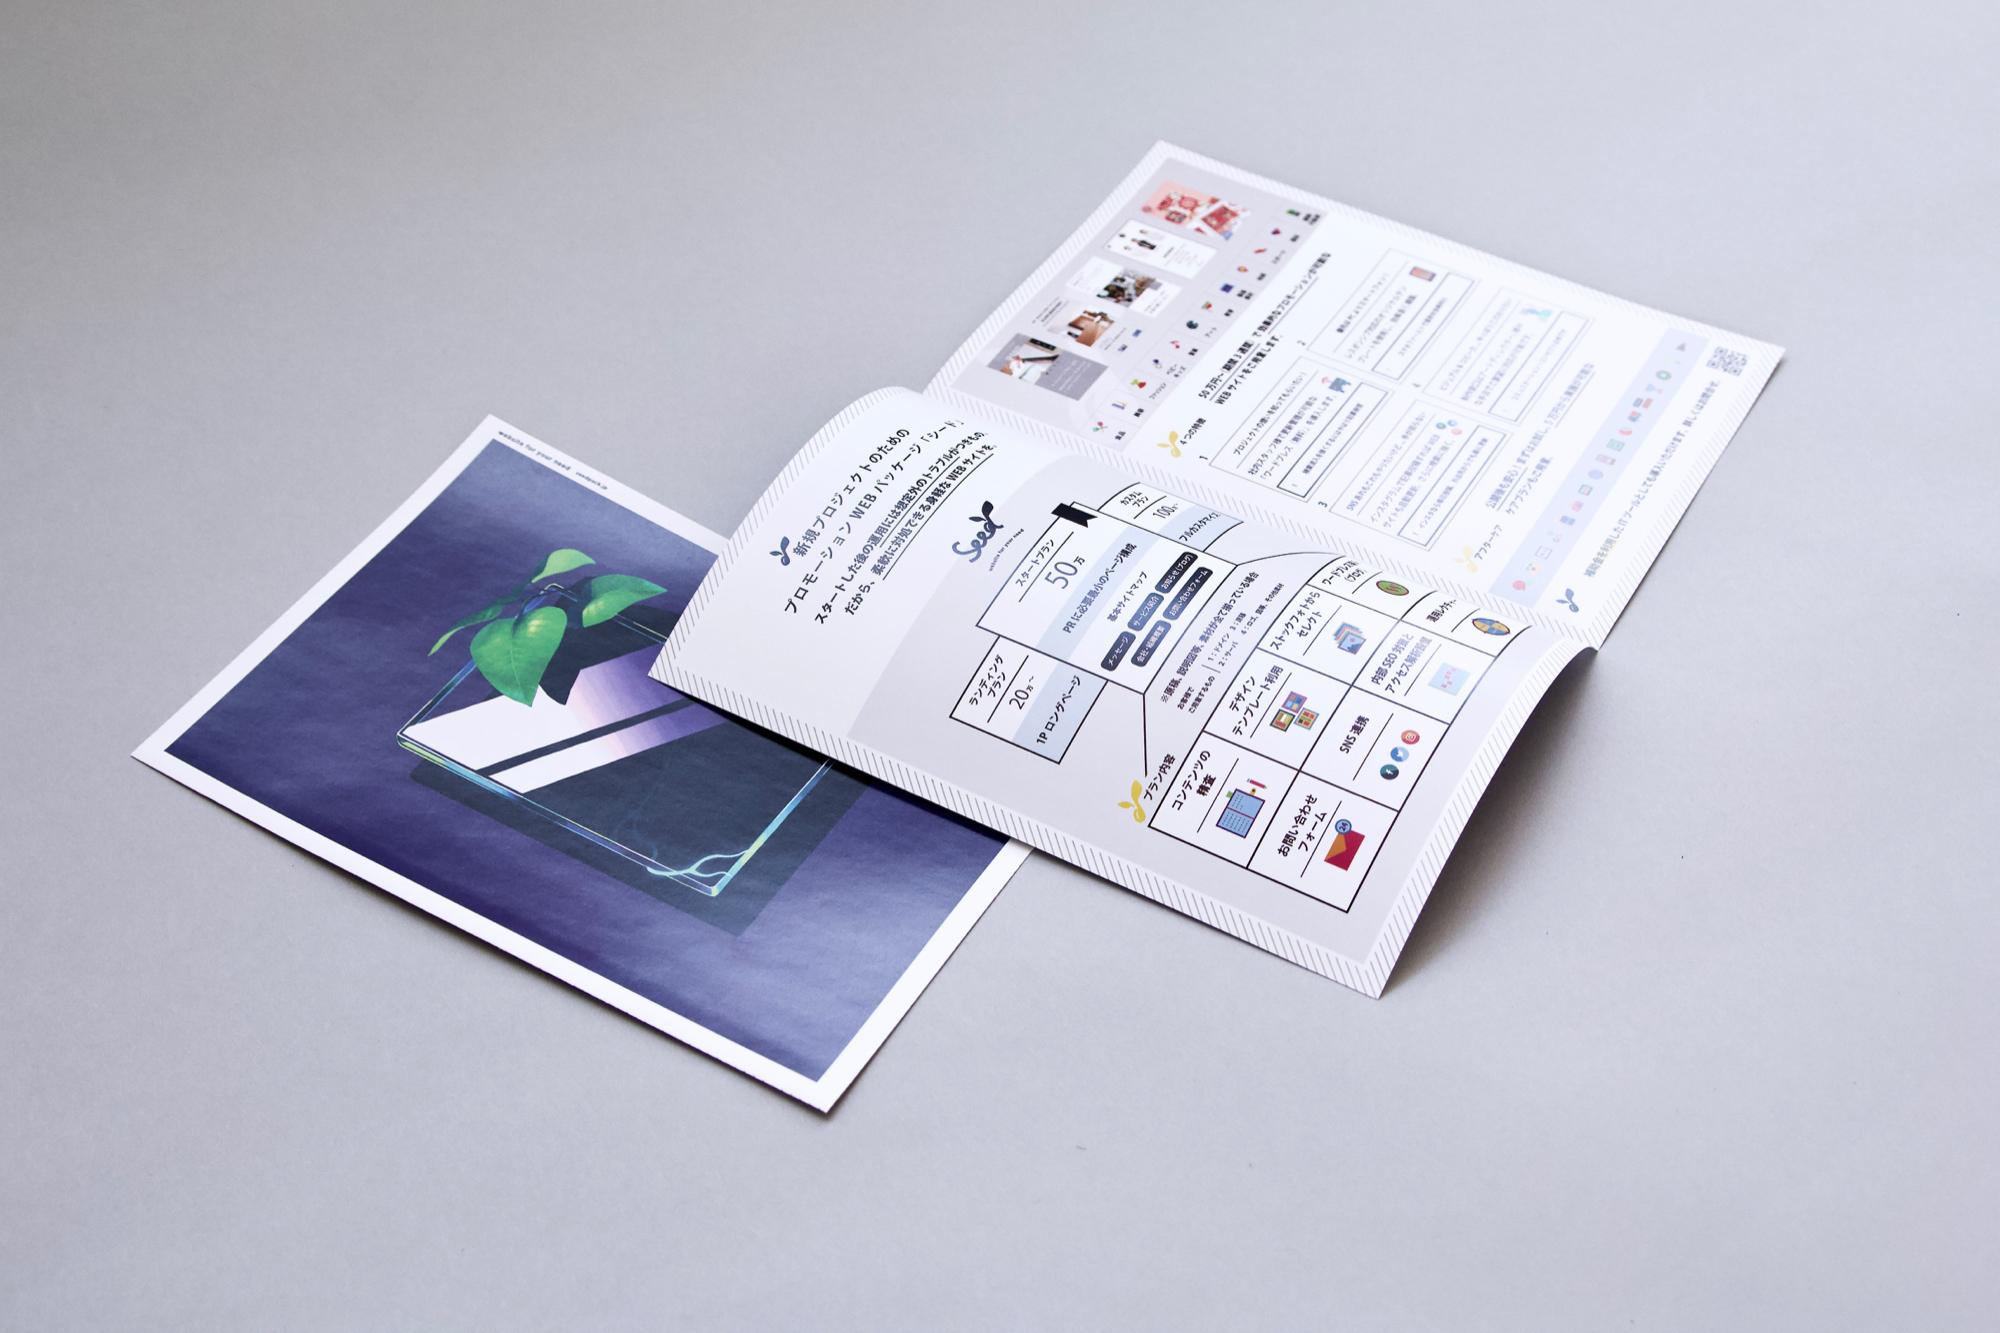 サービス紹介 リーフレットデザイン |二つ折 B5サイズ オフセット印刷 フルカラー